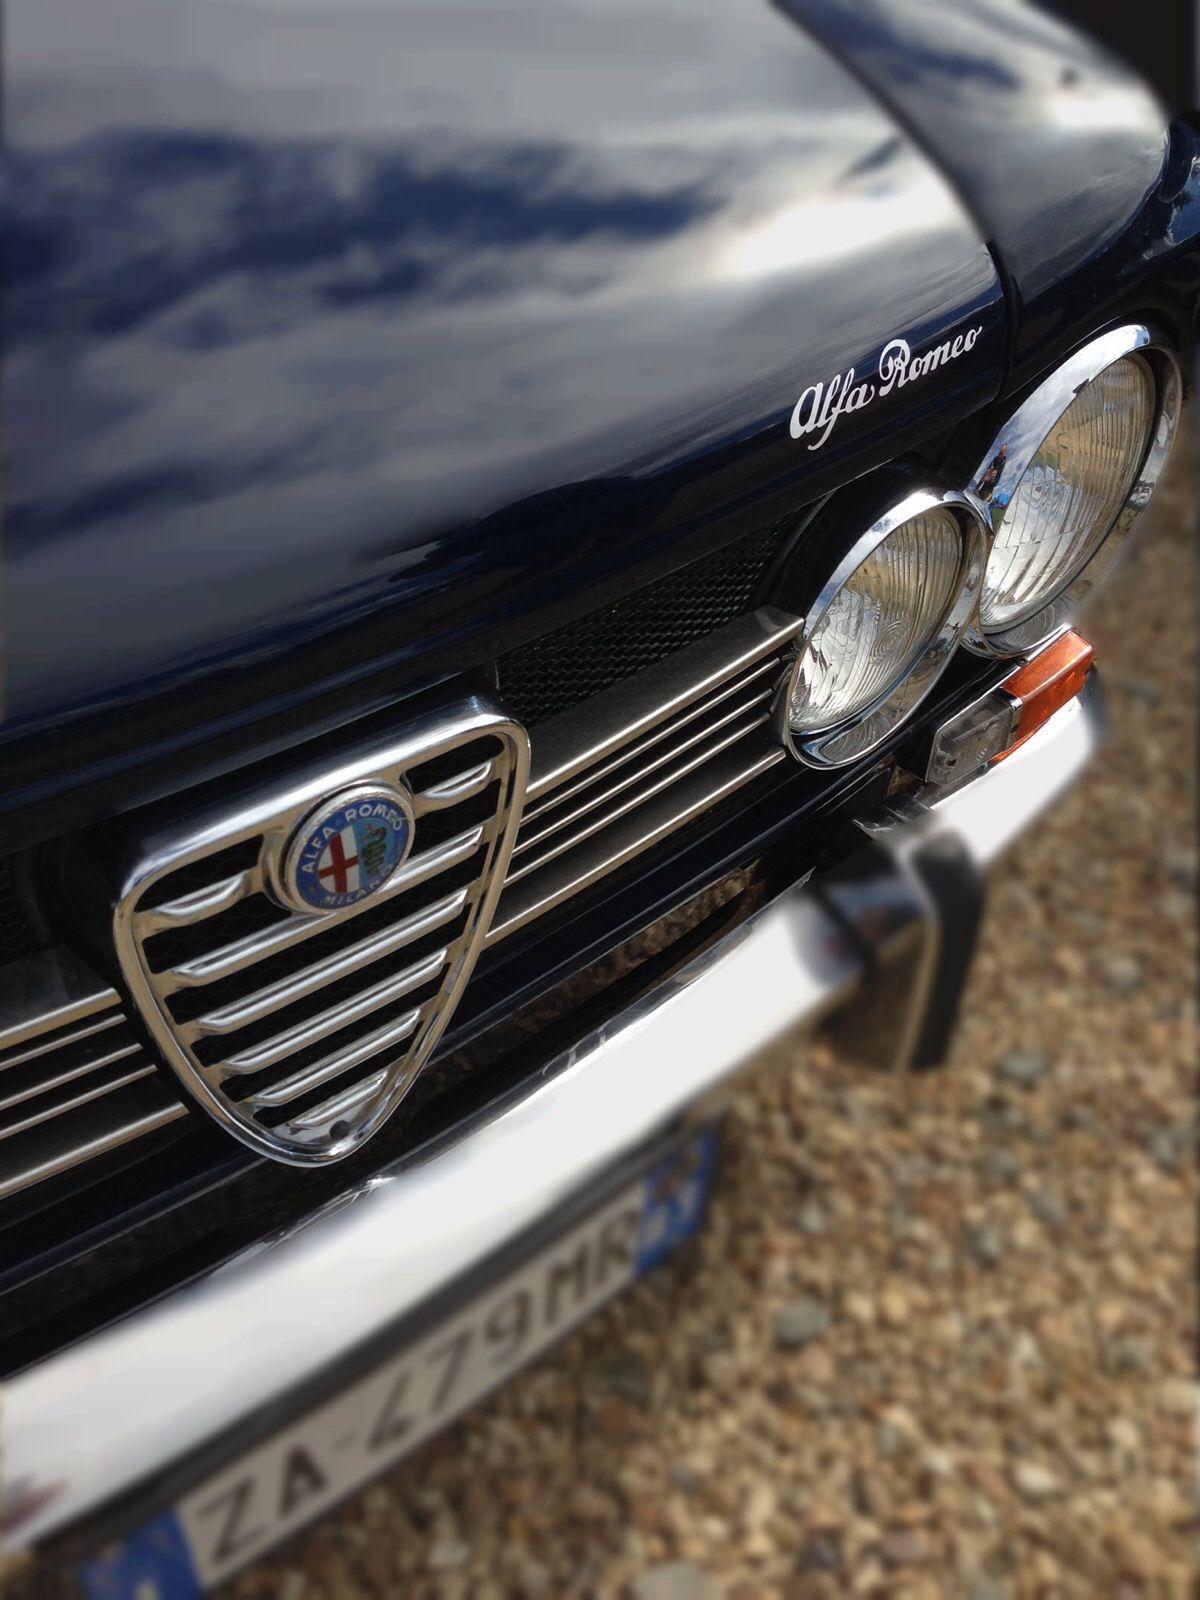 Sharnbrook car show, alpha romeo